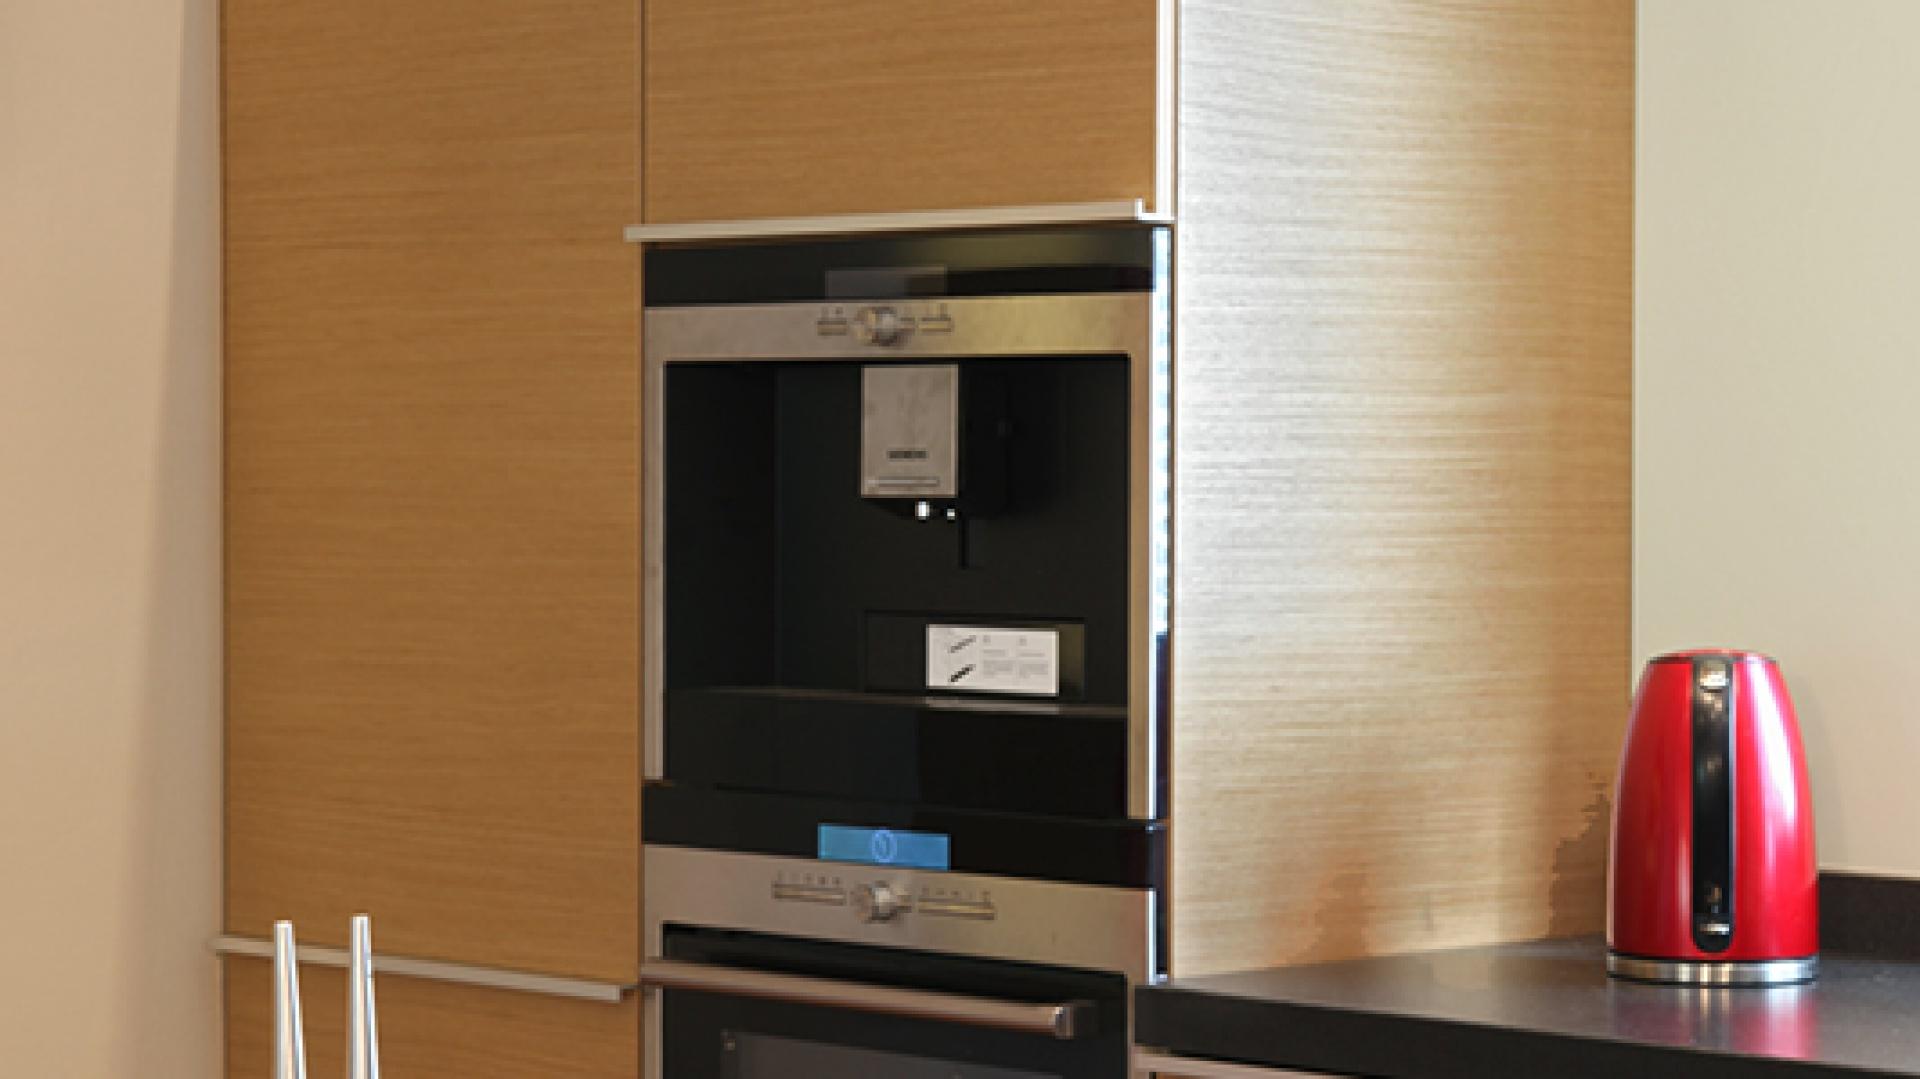 Zabudowa, wykończona modyfikowanym fornirem dębowym, składa się z prostych i lekkich brył. Słupki – nieco niższe od standardowych mieszczą sprzęty AGD: lodówkę (Liebherr), piekarnik, ekspres do kawy (Siemens). Fot. Monika Filipiuk-Obałek.